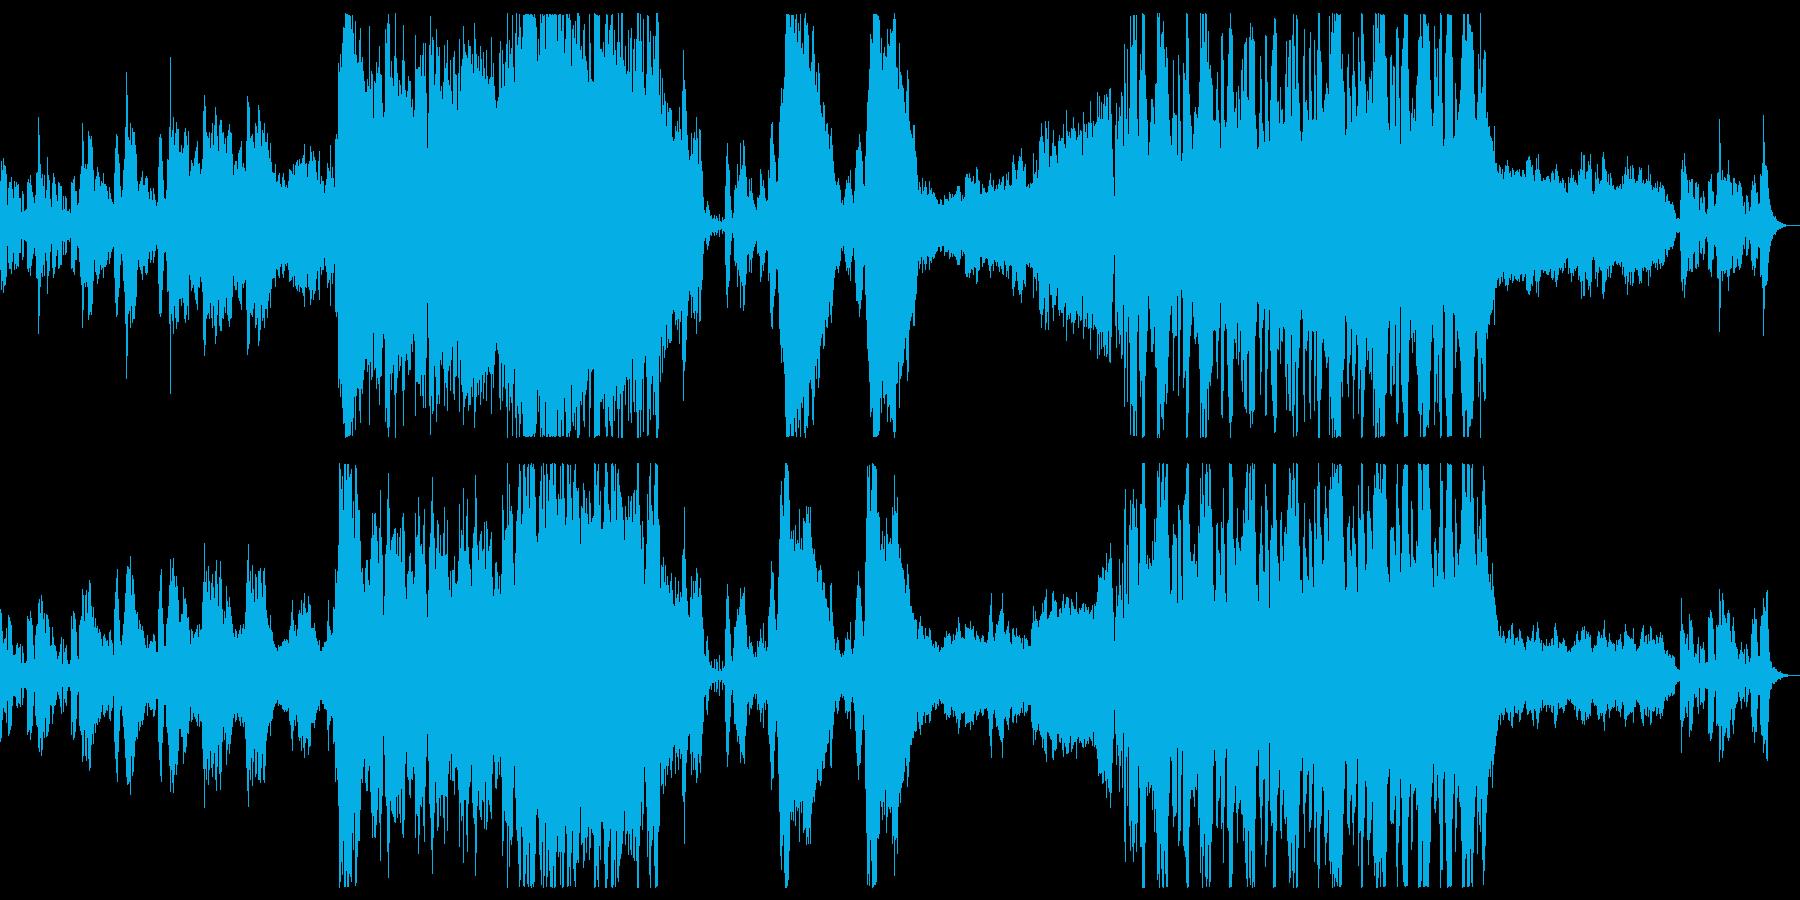 RPGフィールドマップ曲の再生済みの波形